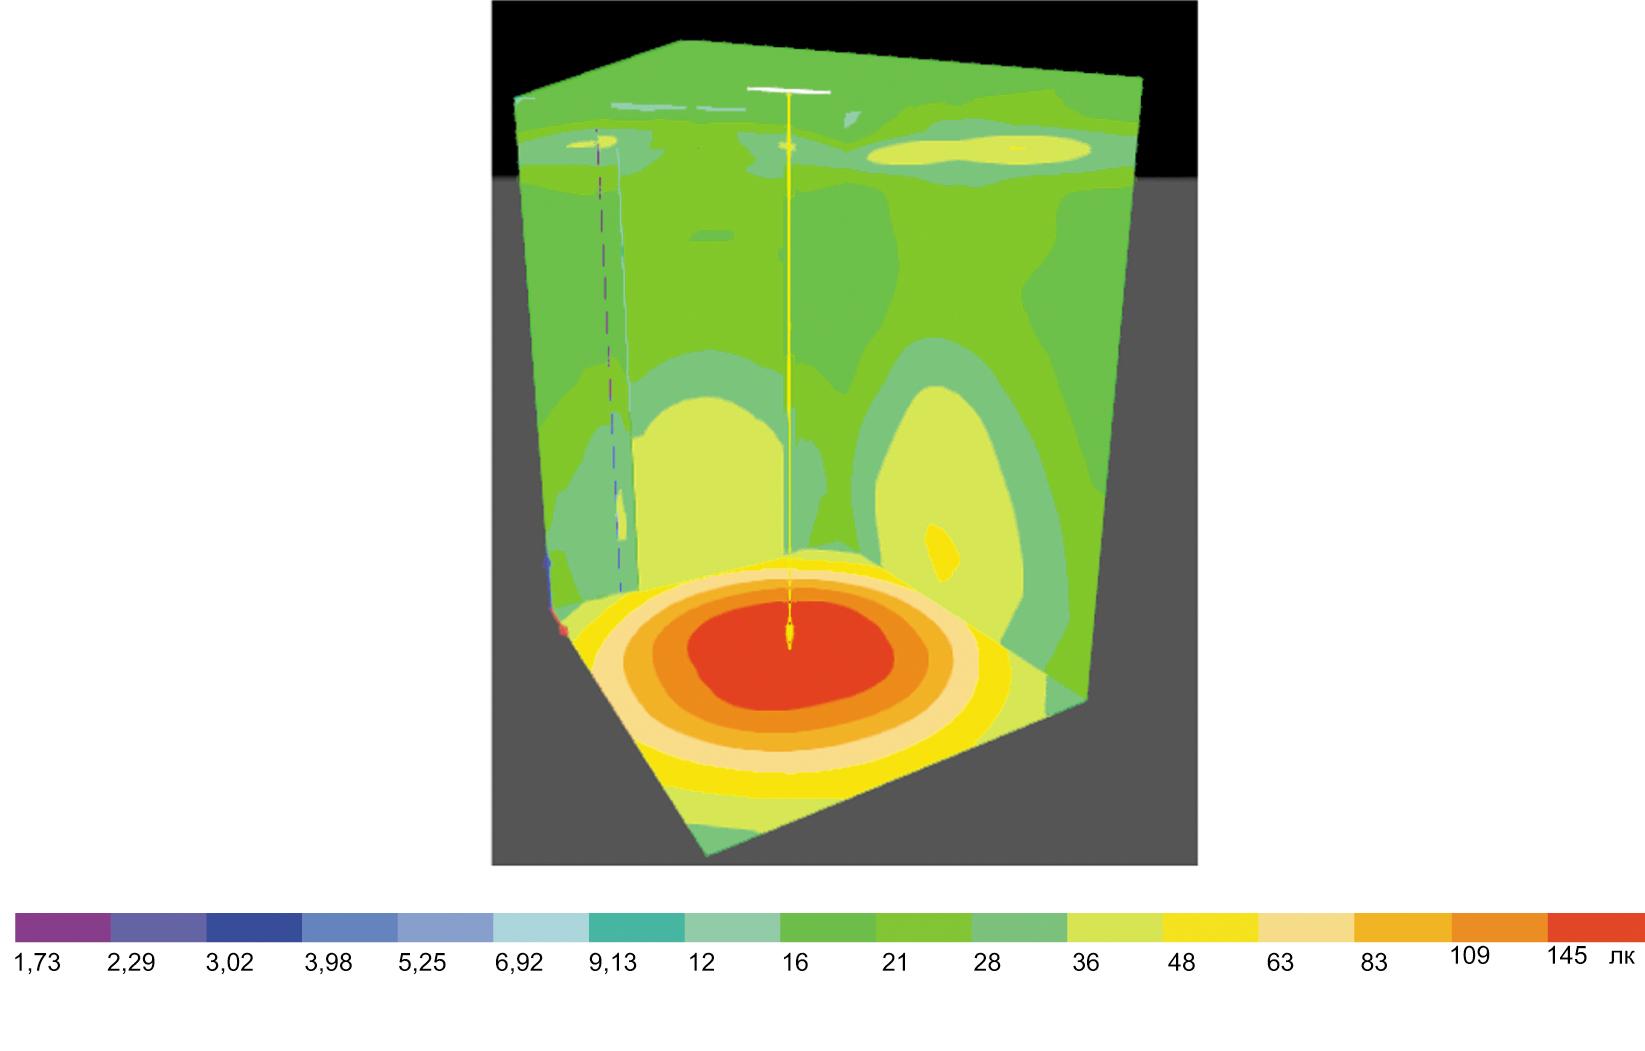 Облученность кабины лифта светильником с VIOLET (48 УФ-С светодиодов) в фиктивных цветах (мВт/м2)